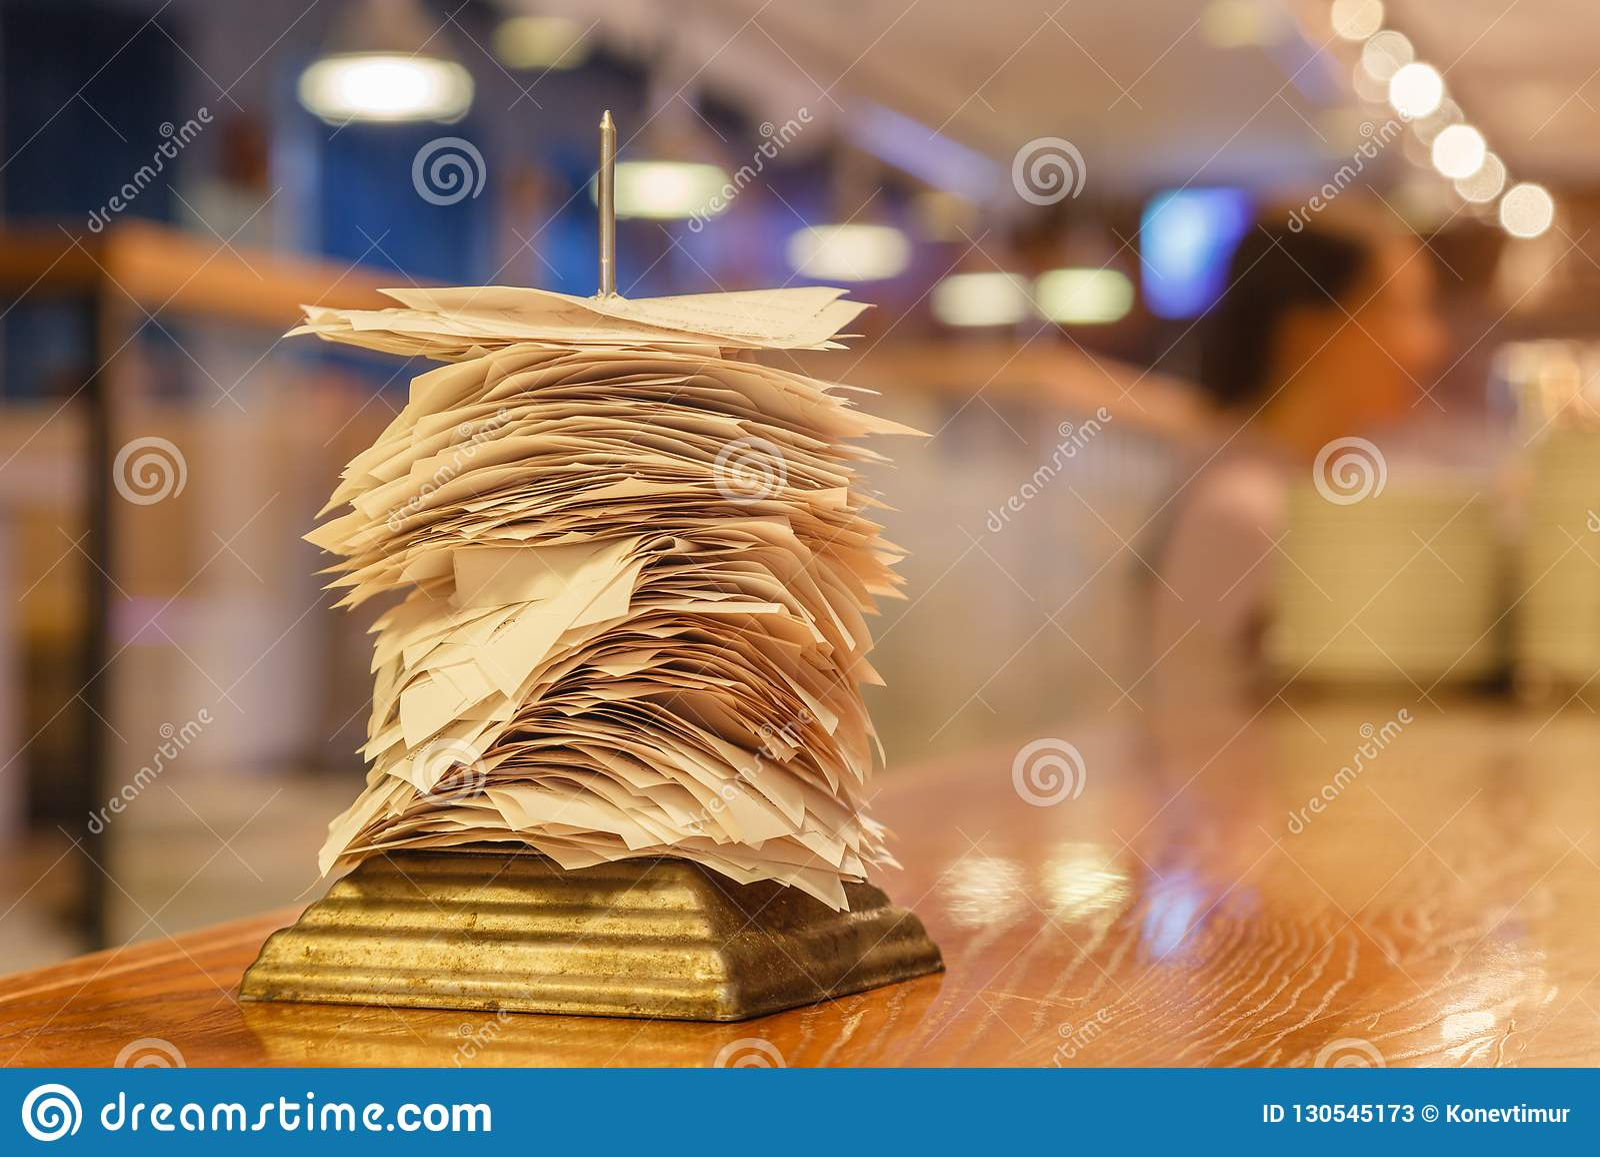 Controles van voltooide orden in bar of restaurantkeuken im